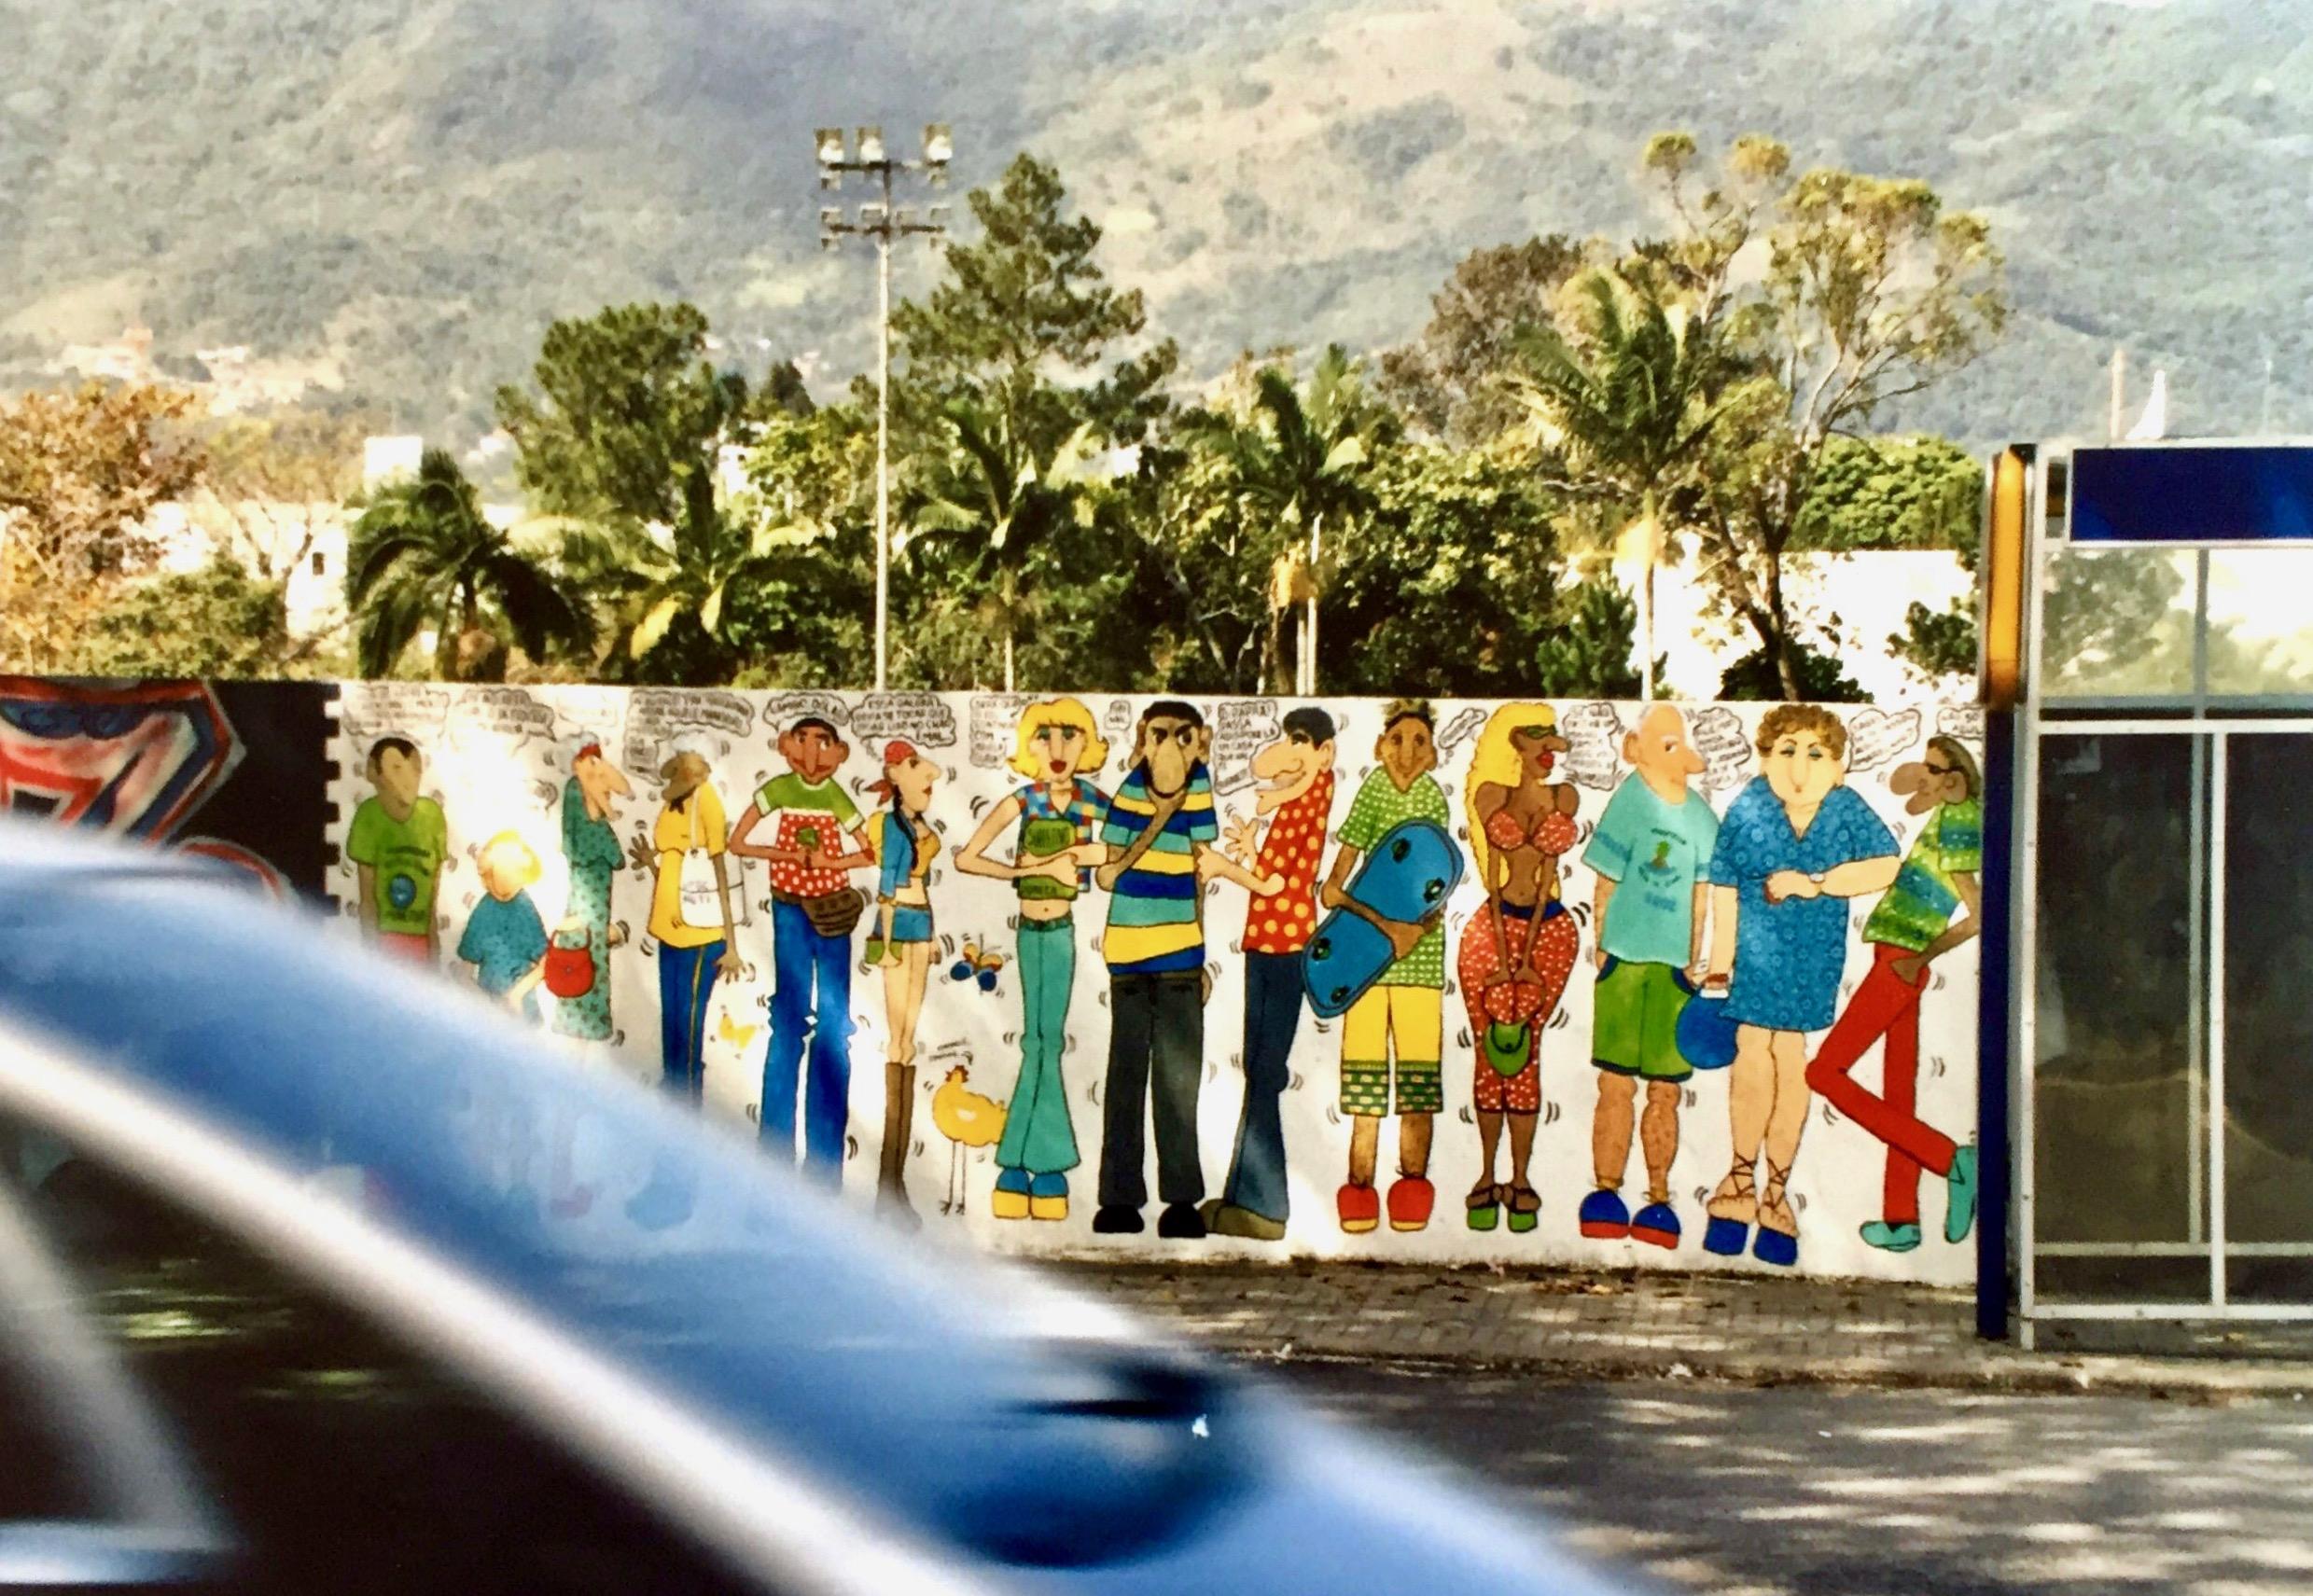 #paracegover A imagem mostra um muro desenhado com pessoas em volta de um ponto de ônibus. A foto foi tirada do outro lado da rua e um carro passou bem na hora.